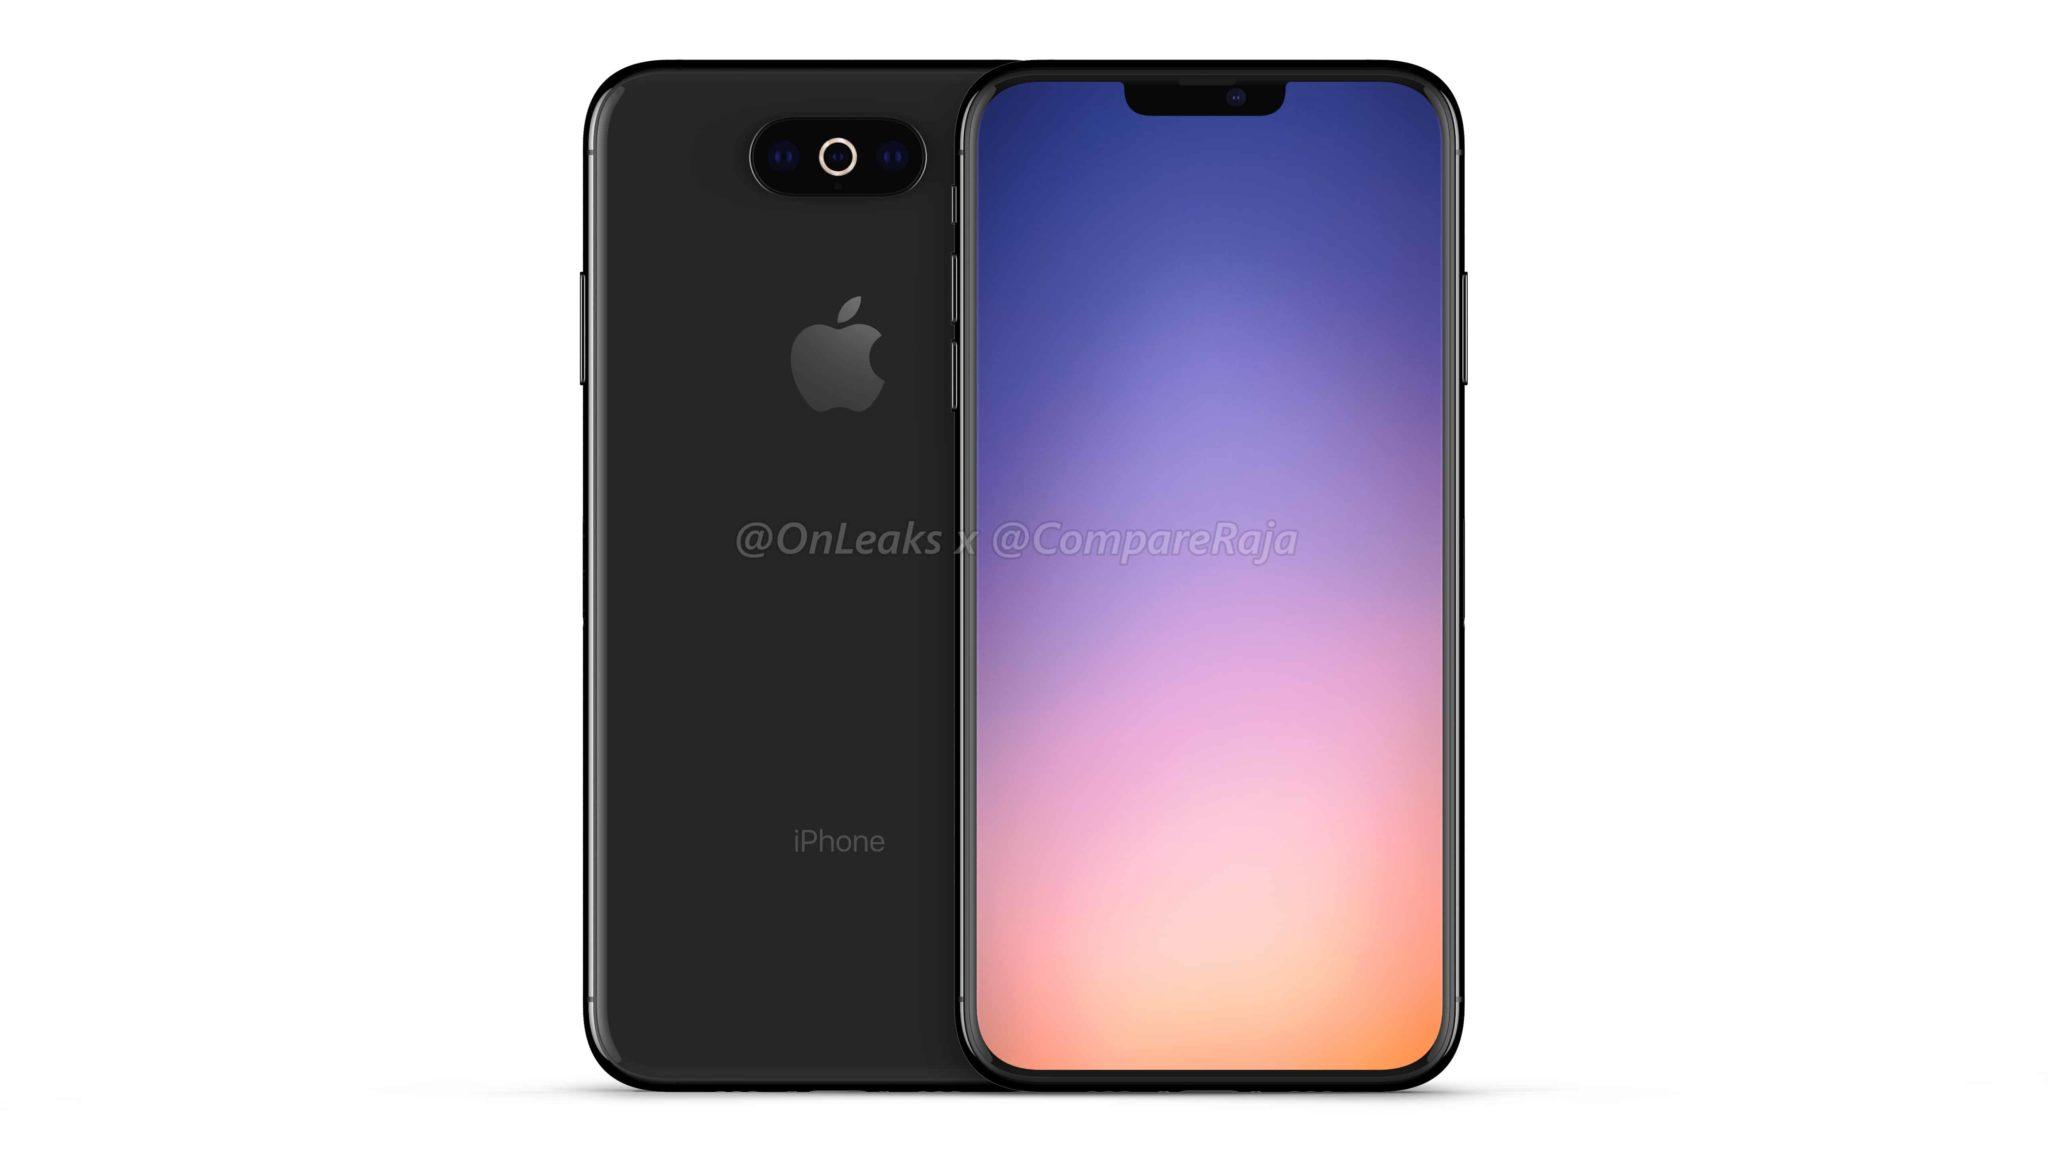 iphone xi 2019 compareraja 1 - Nový iPhone: vyššie rozlíšenie kamier, stále Lightning konektor